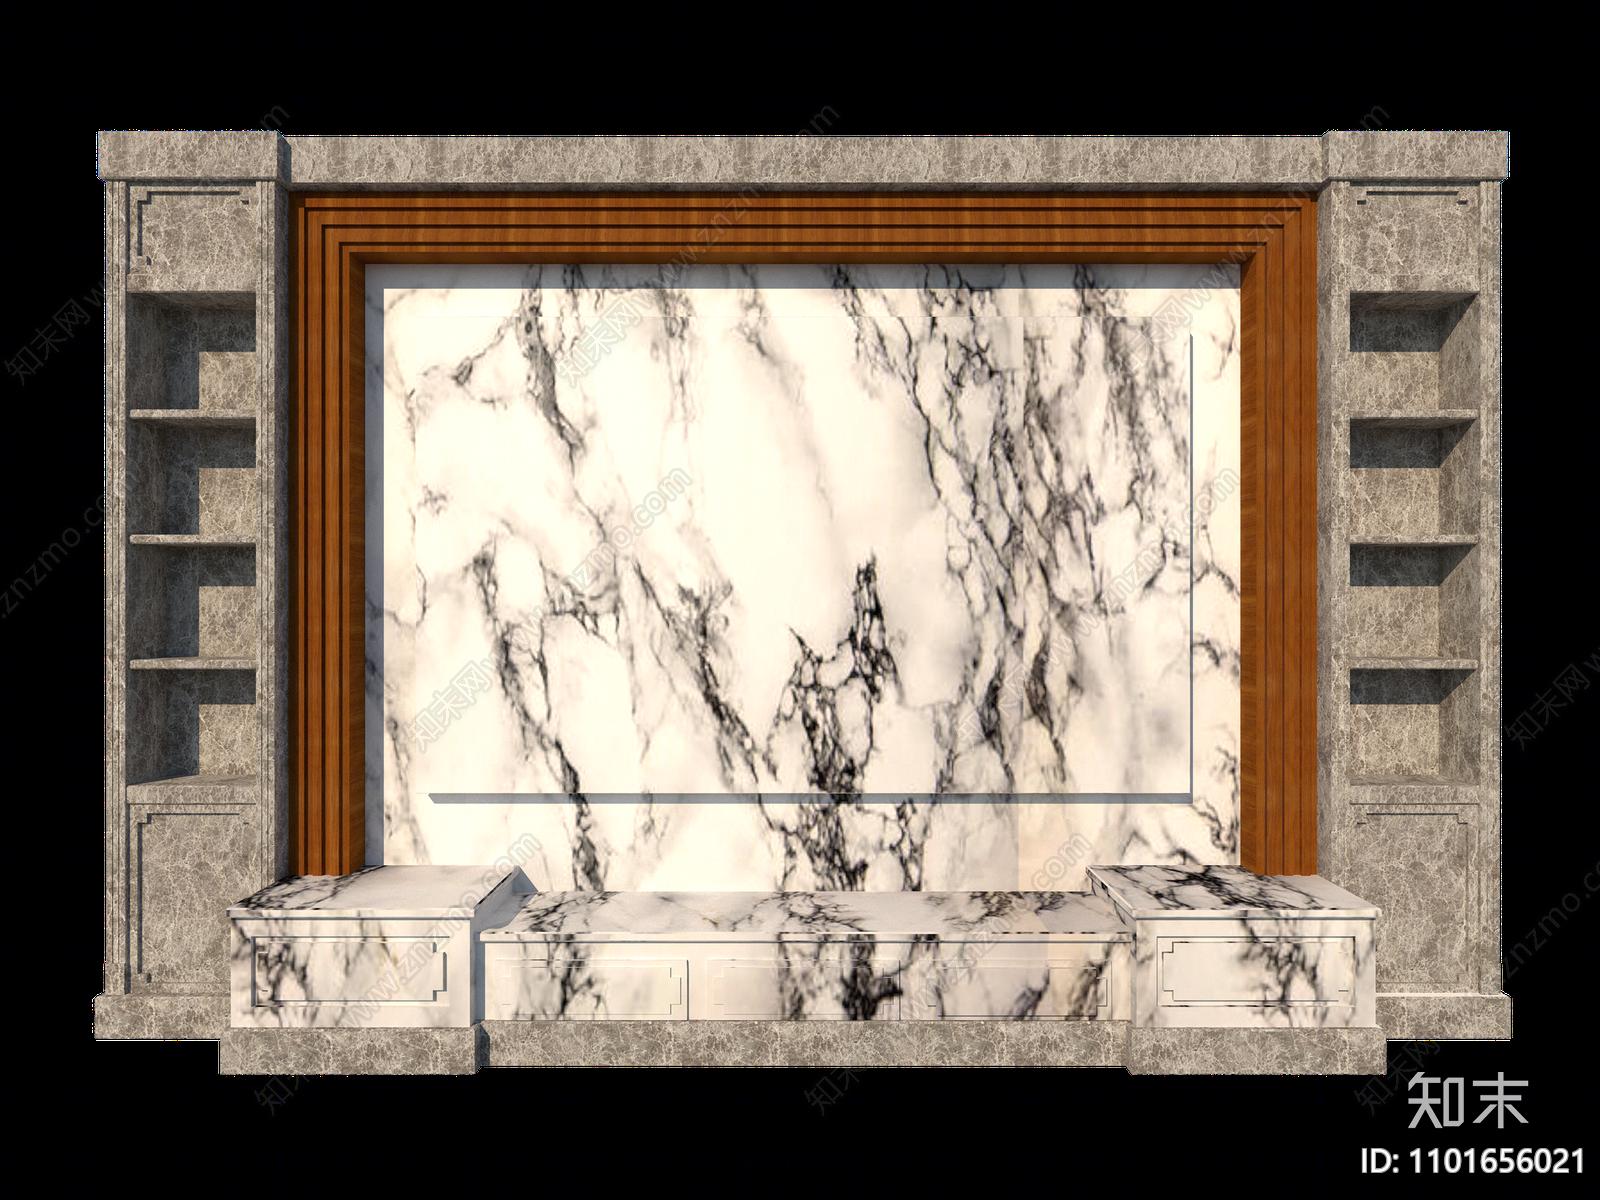 现代电视背景墙SU模型下载【ID:1101656021】